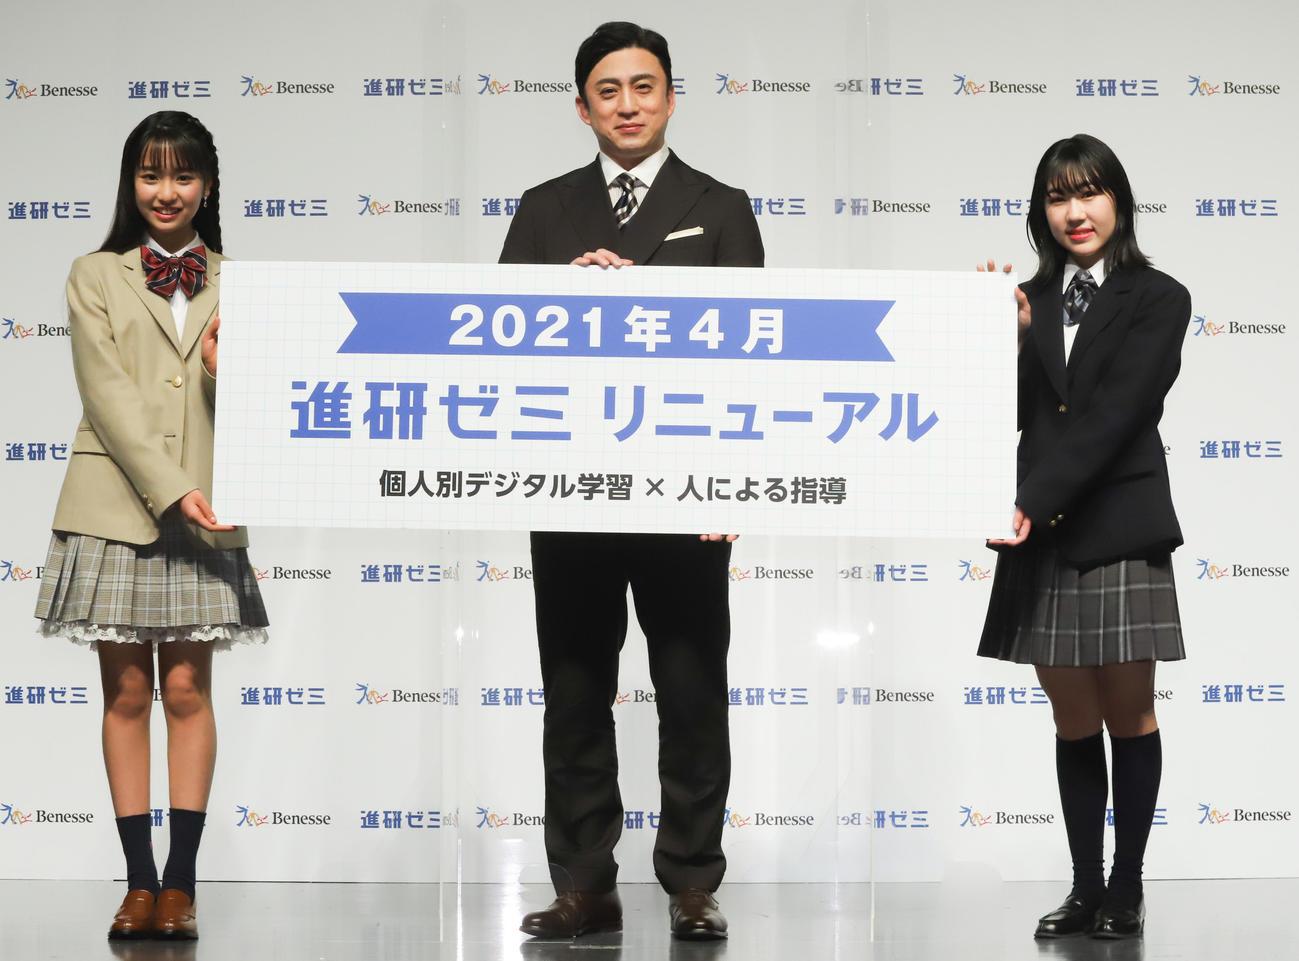 ベネッセ「進研ゼミ」新商品発表会で。左から藤岡舞衣、松本幸四郎、鈴木夢